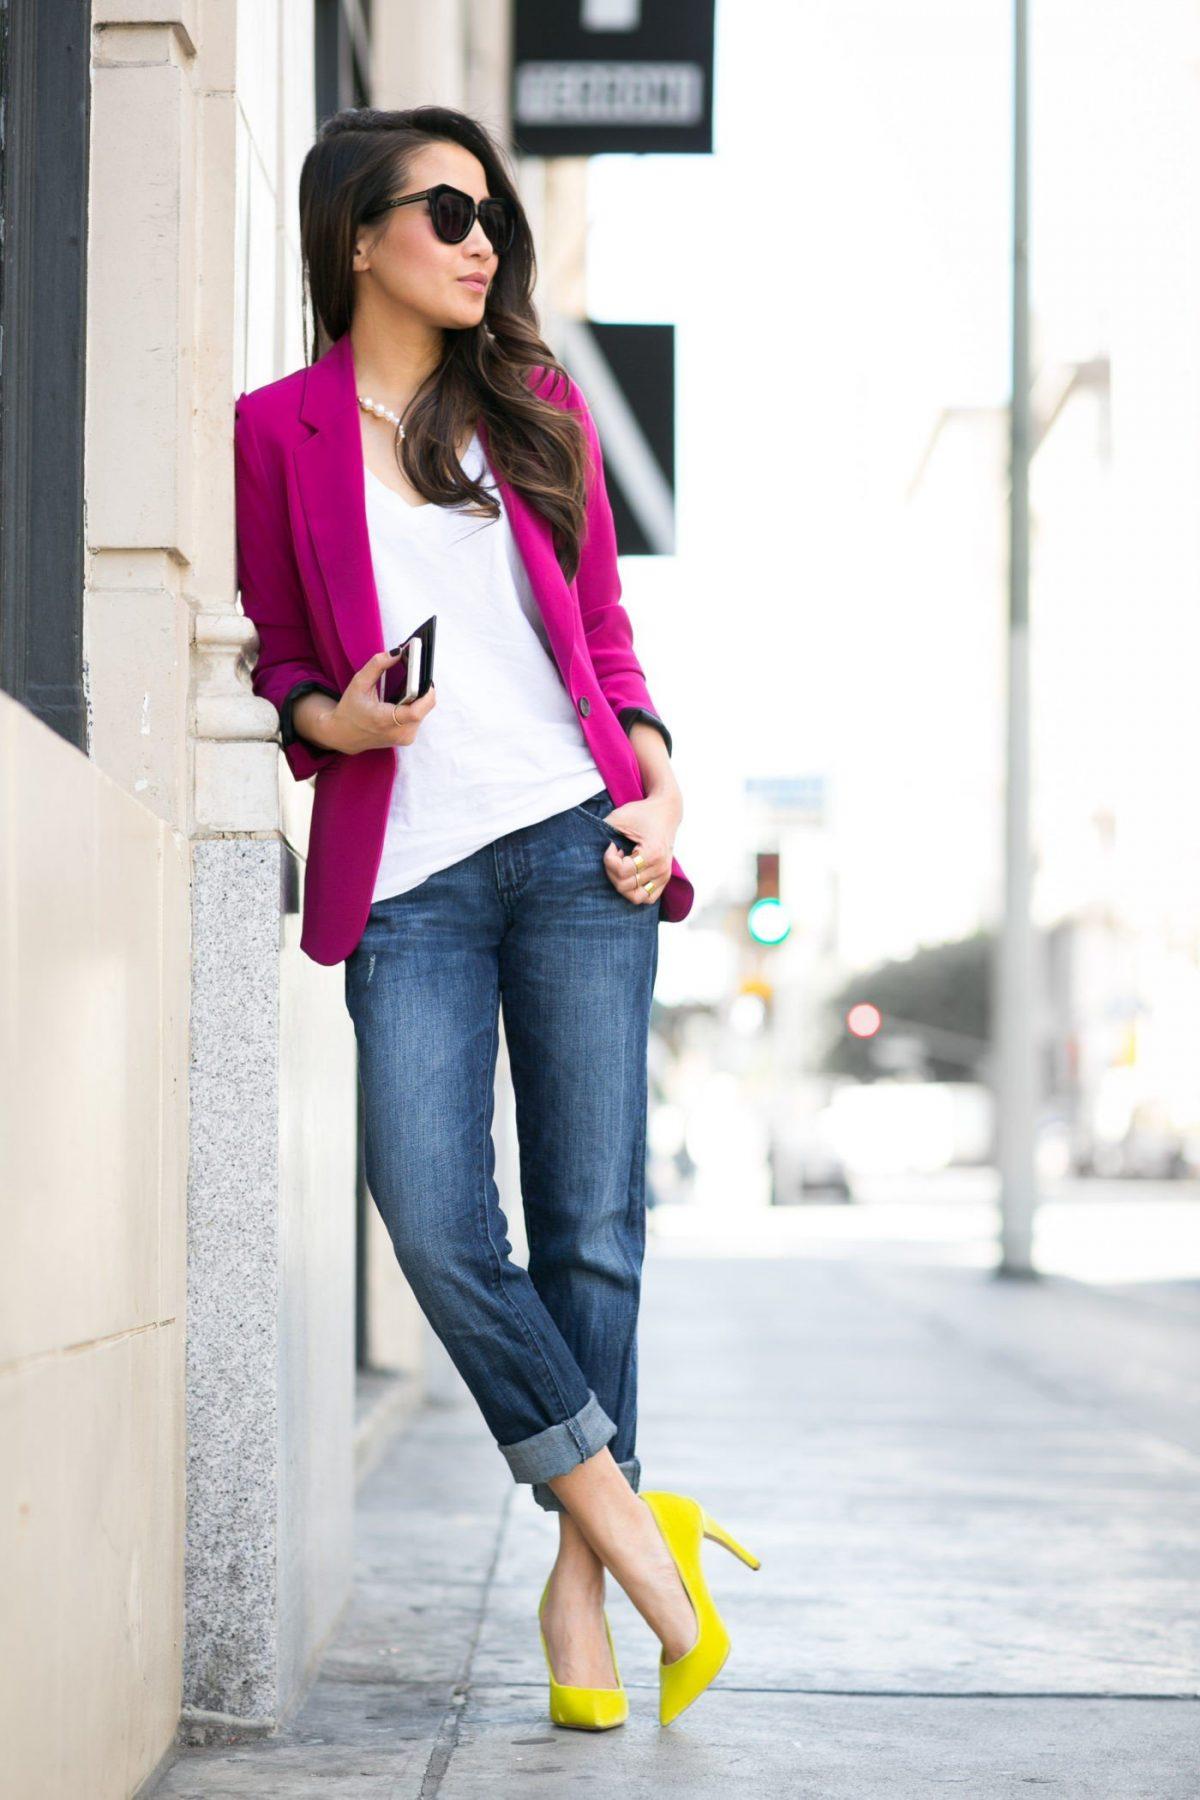 модные образы весна 2019: джинсы бойфренды и розовый пиджак